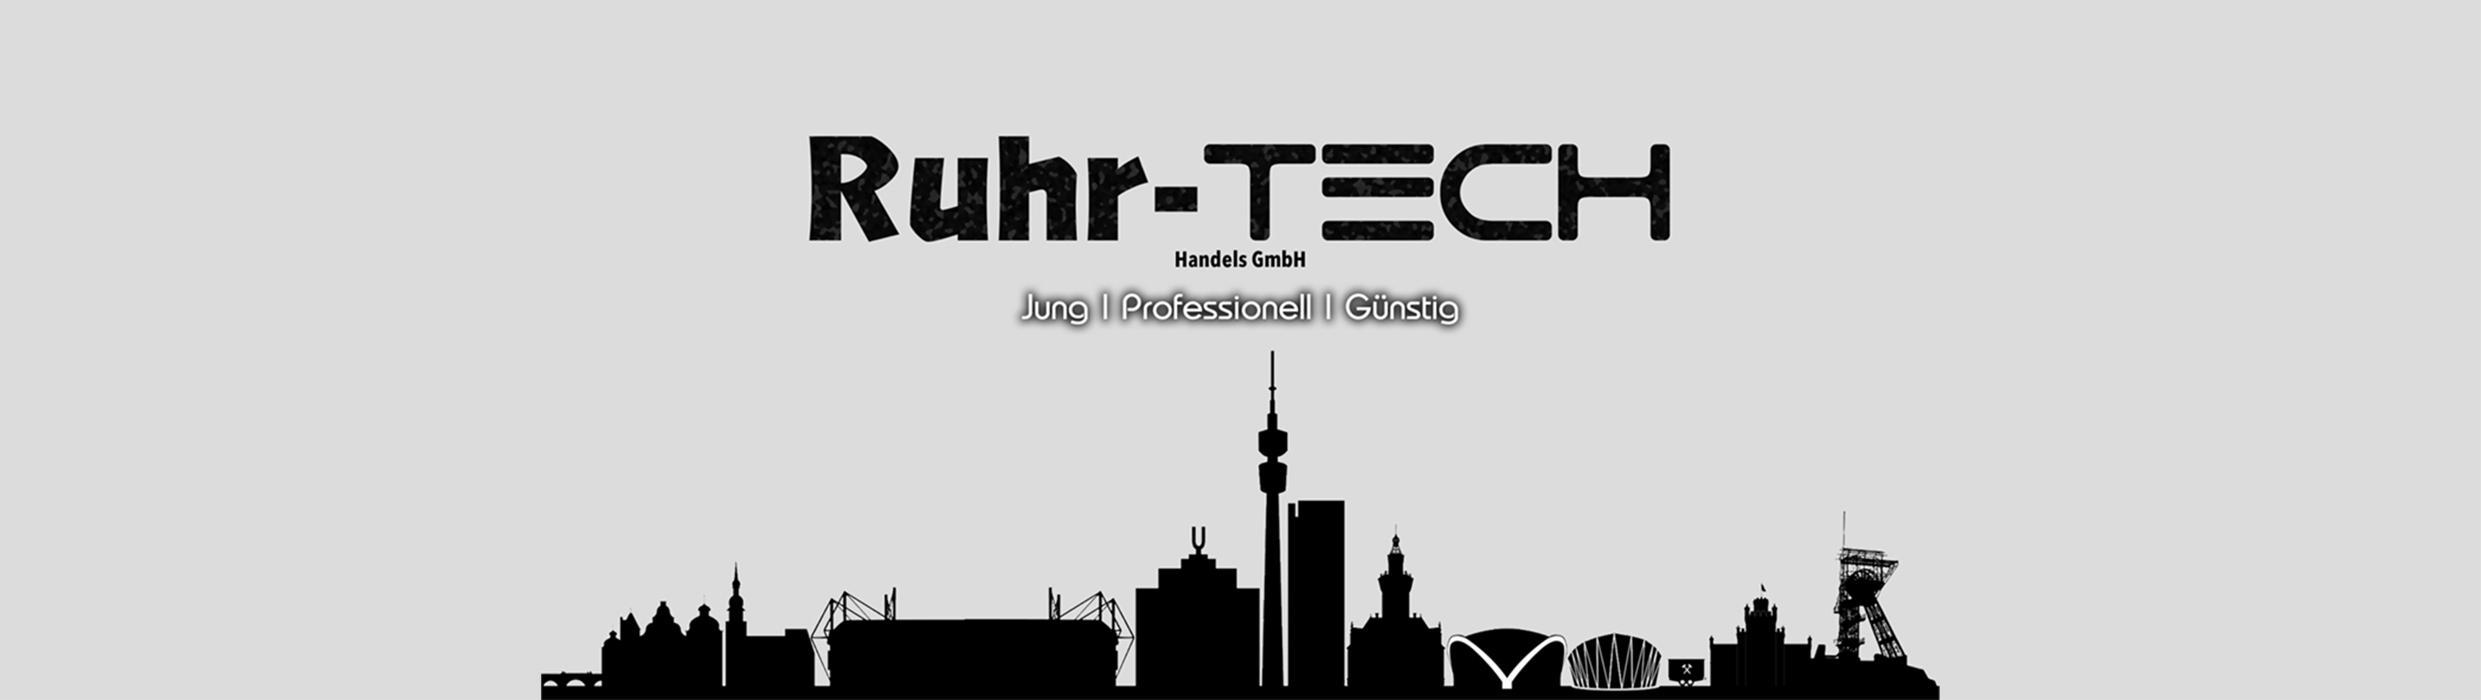 Ruhr Tech Handels GmbH in Dortmund